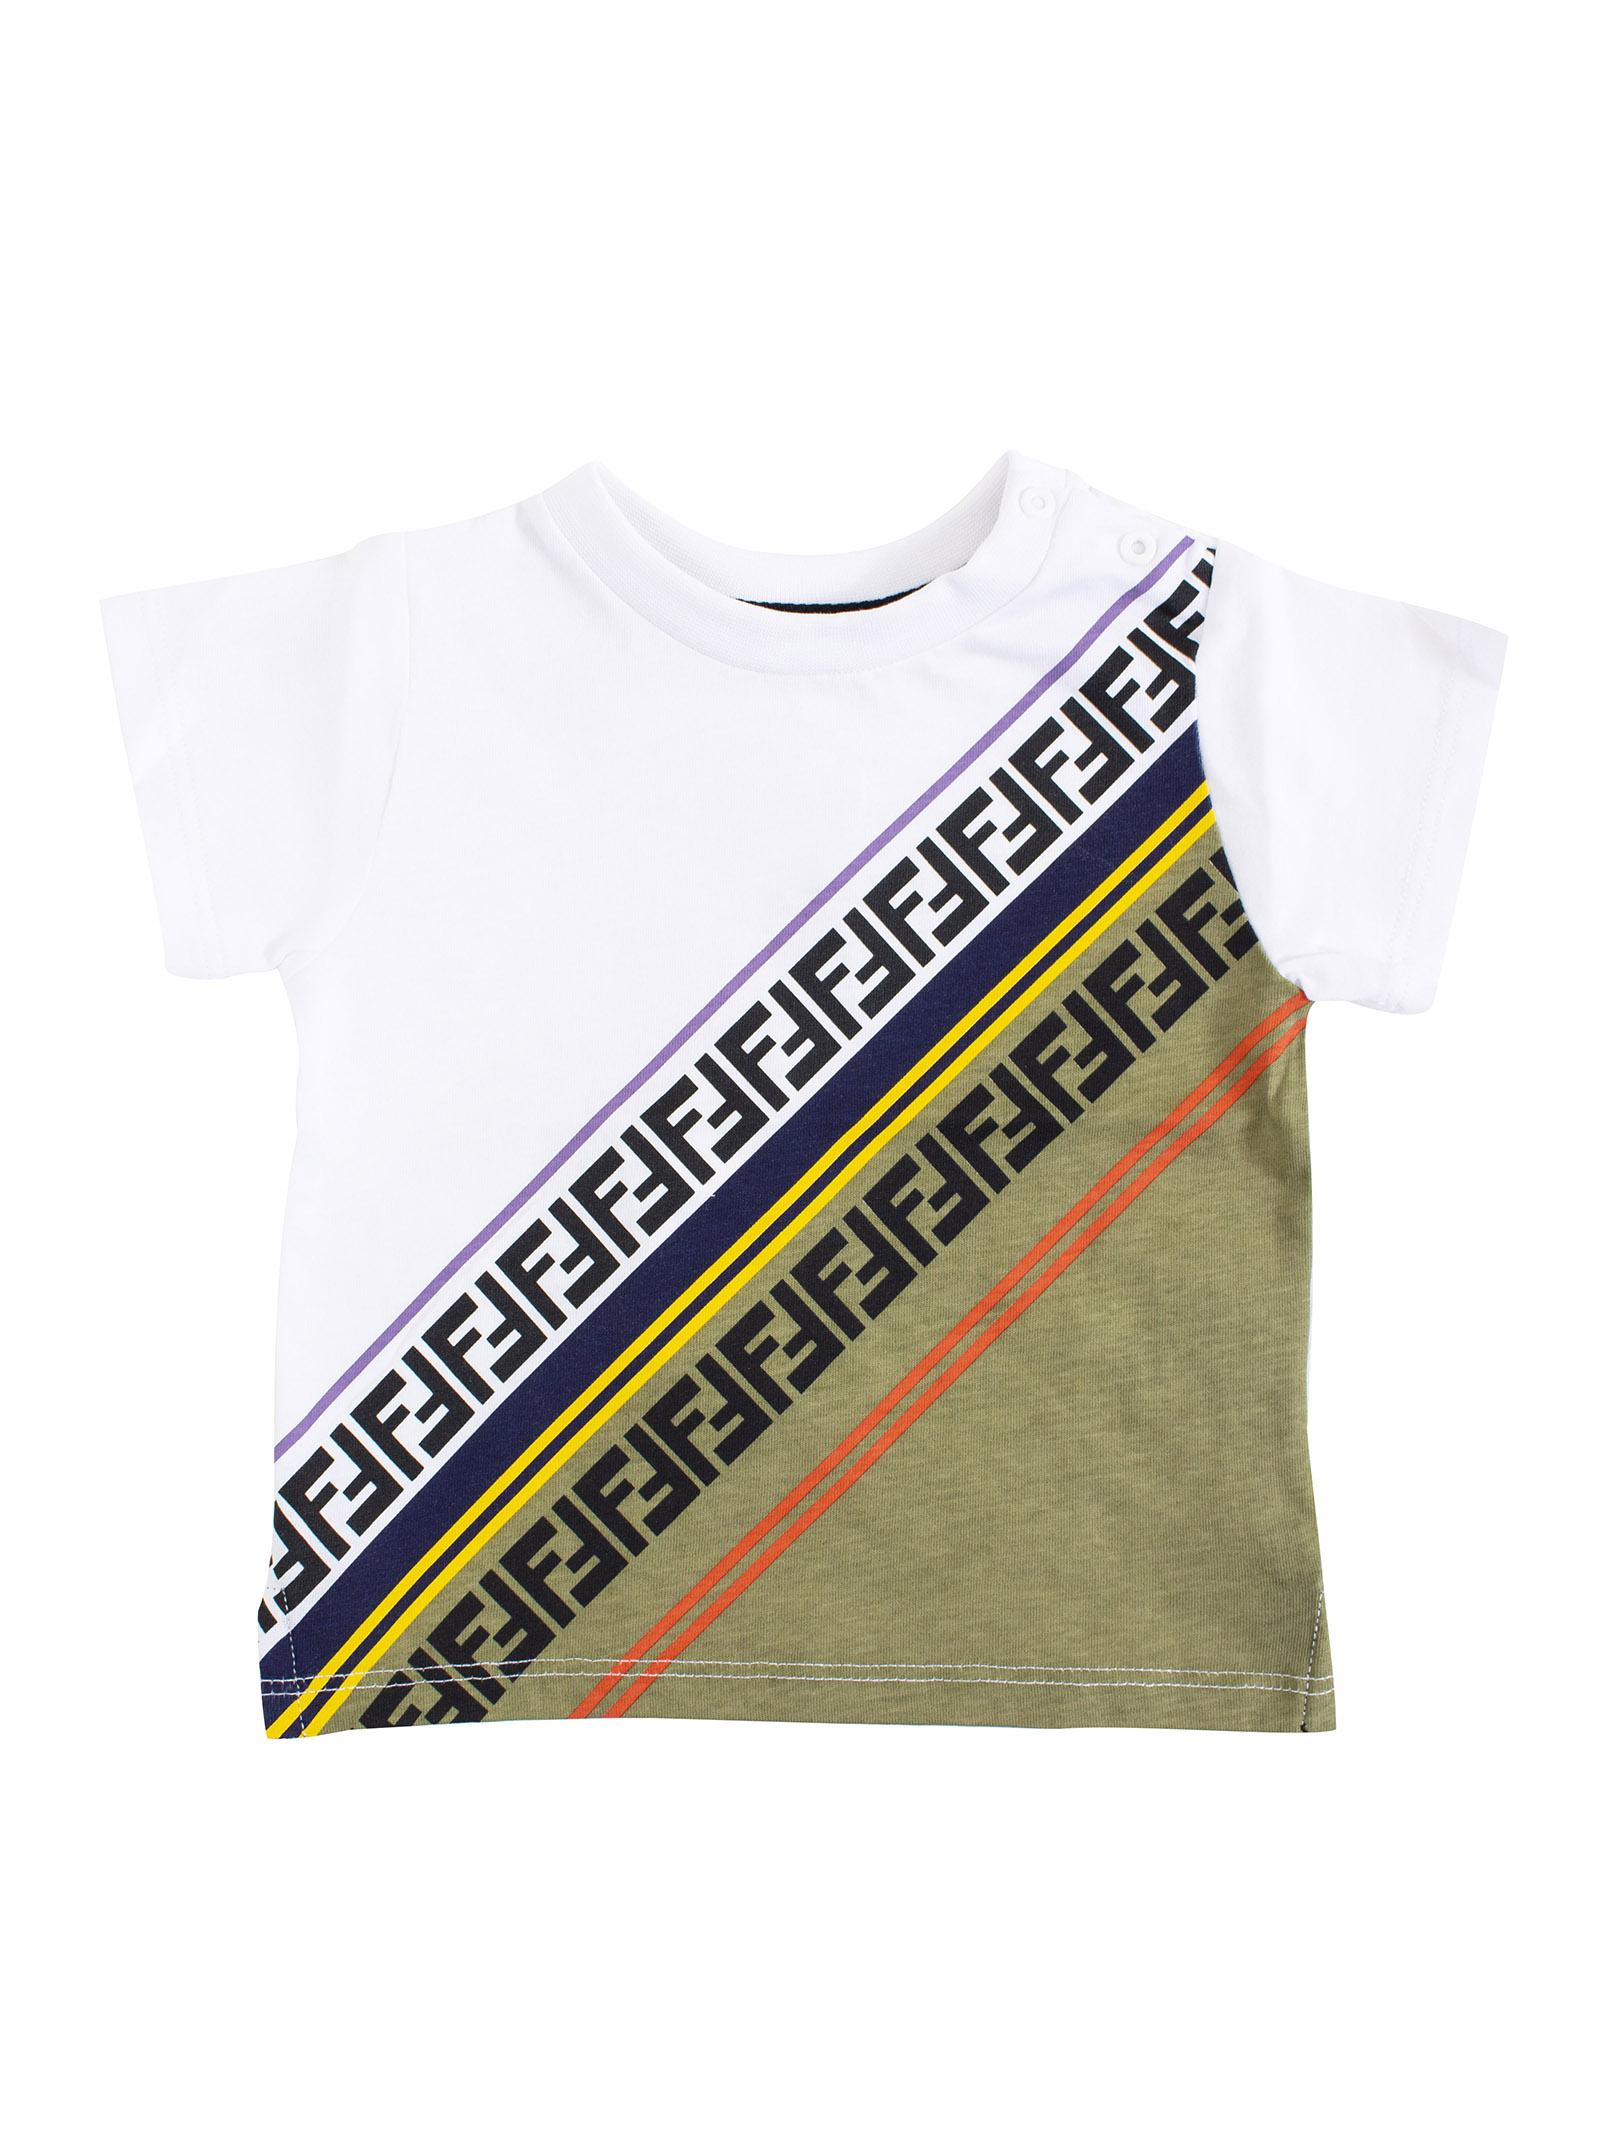 cheap for discount 7e814 82688 T-shirt Fendi neonato